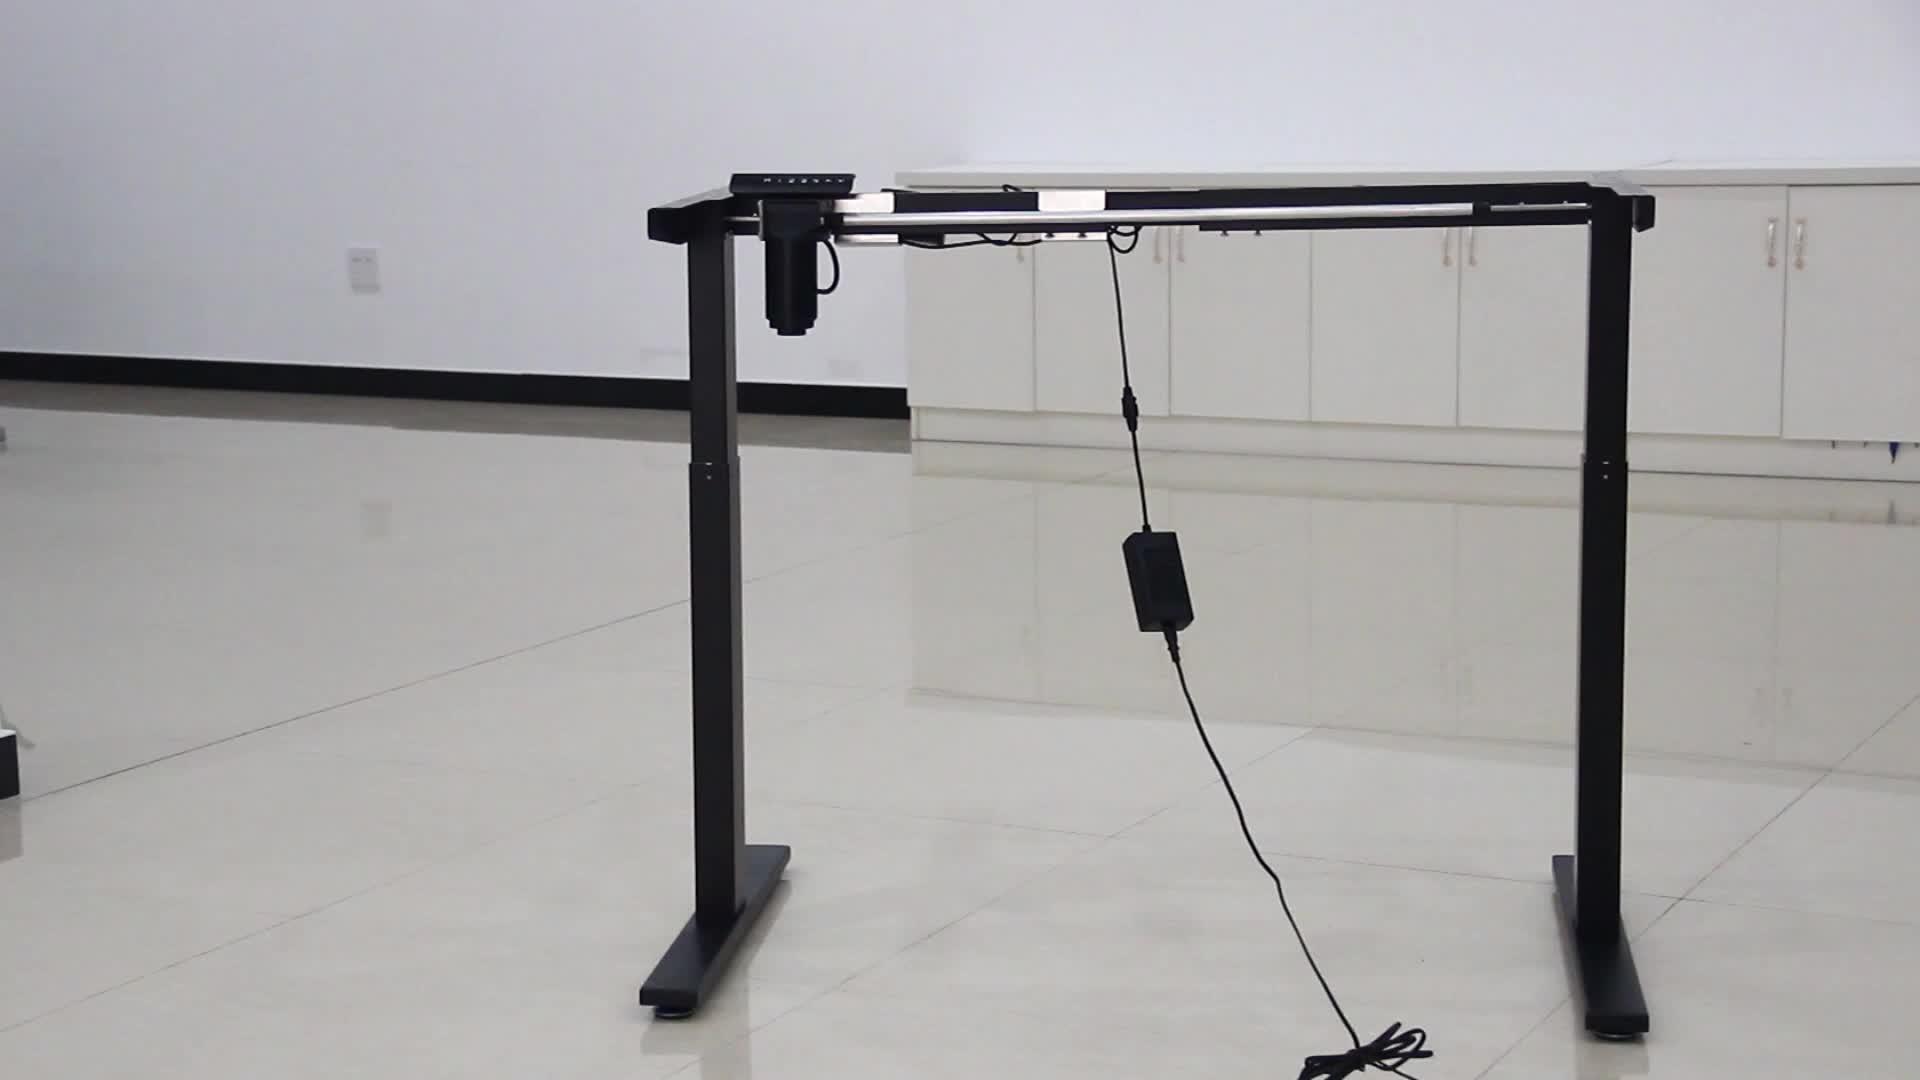 बिजली के लिए खड़े डेस्क ऊंचाई समायोज्य ऊंचाई तालिका अध्ययन डेस्क पैर बिजली फ्रेम